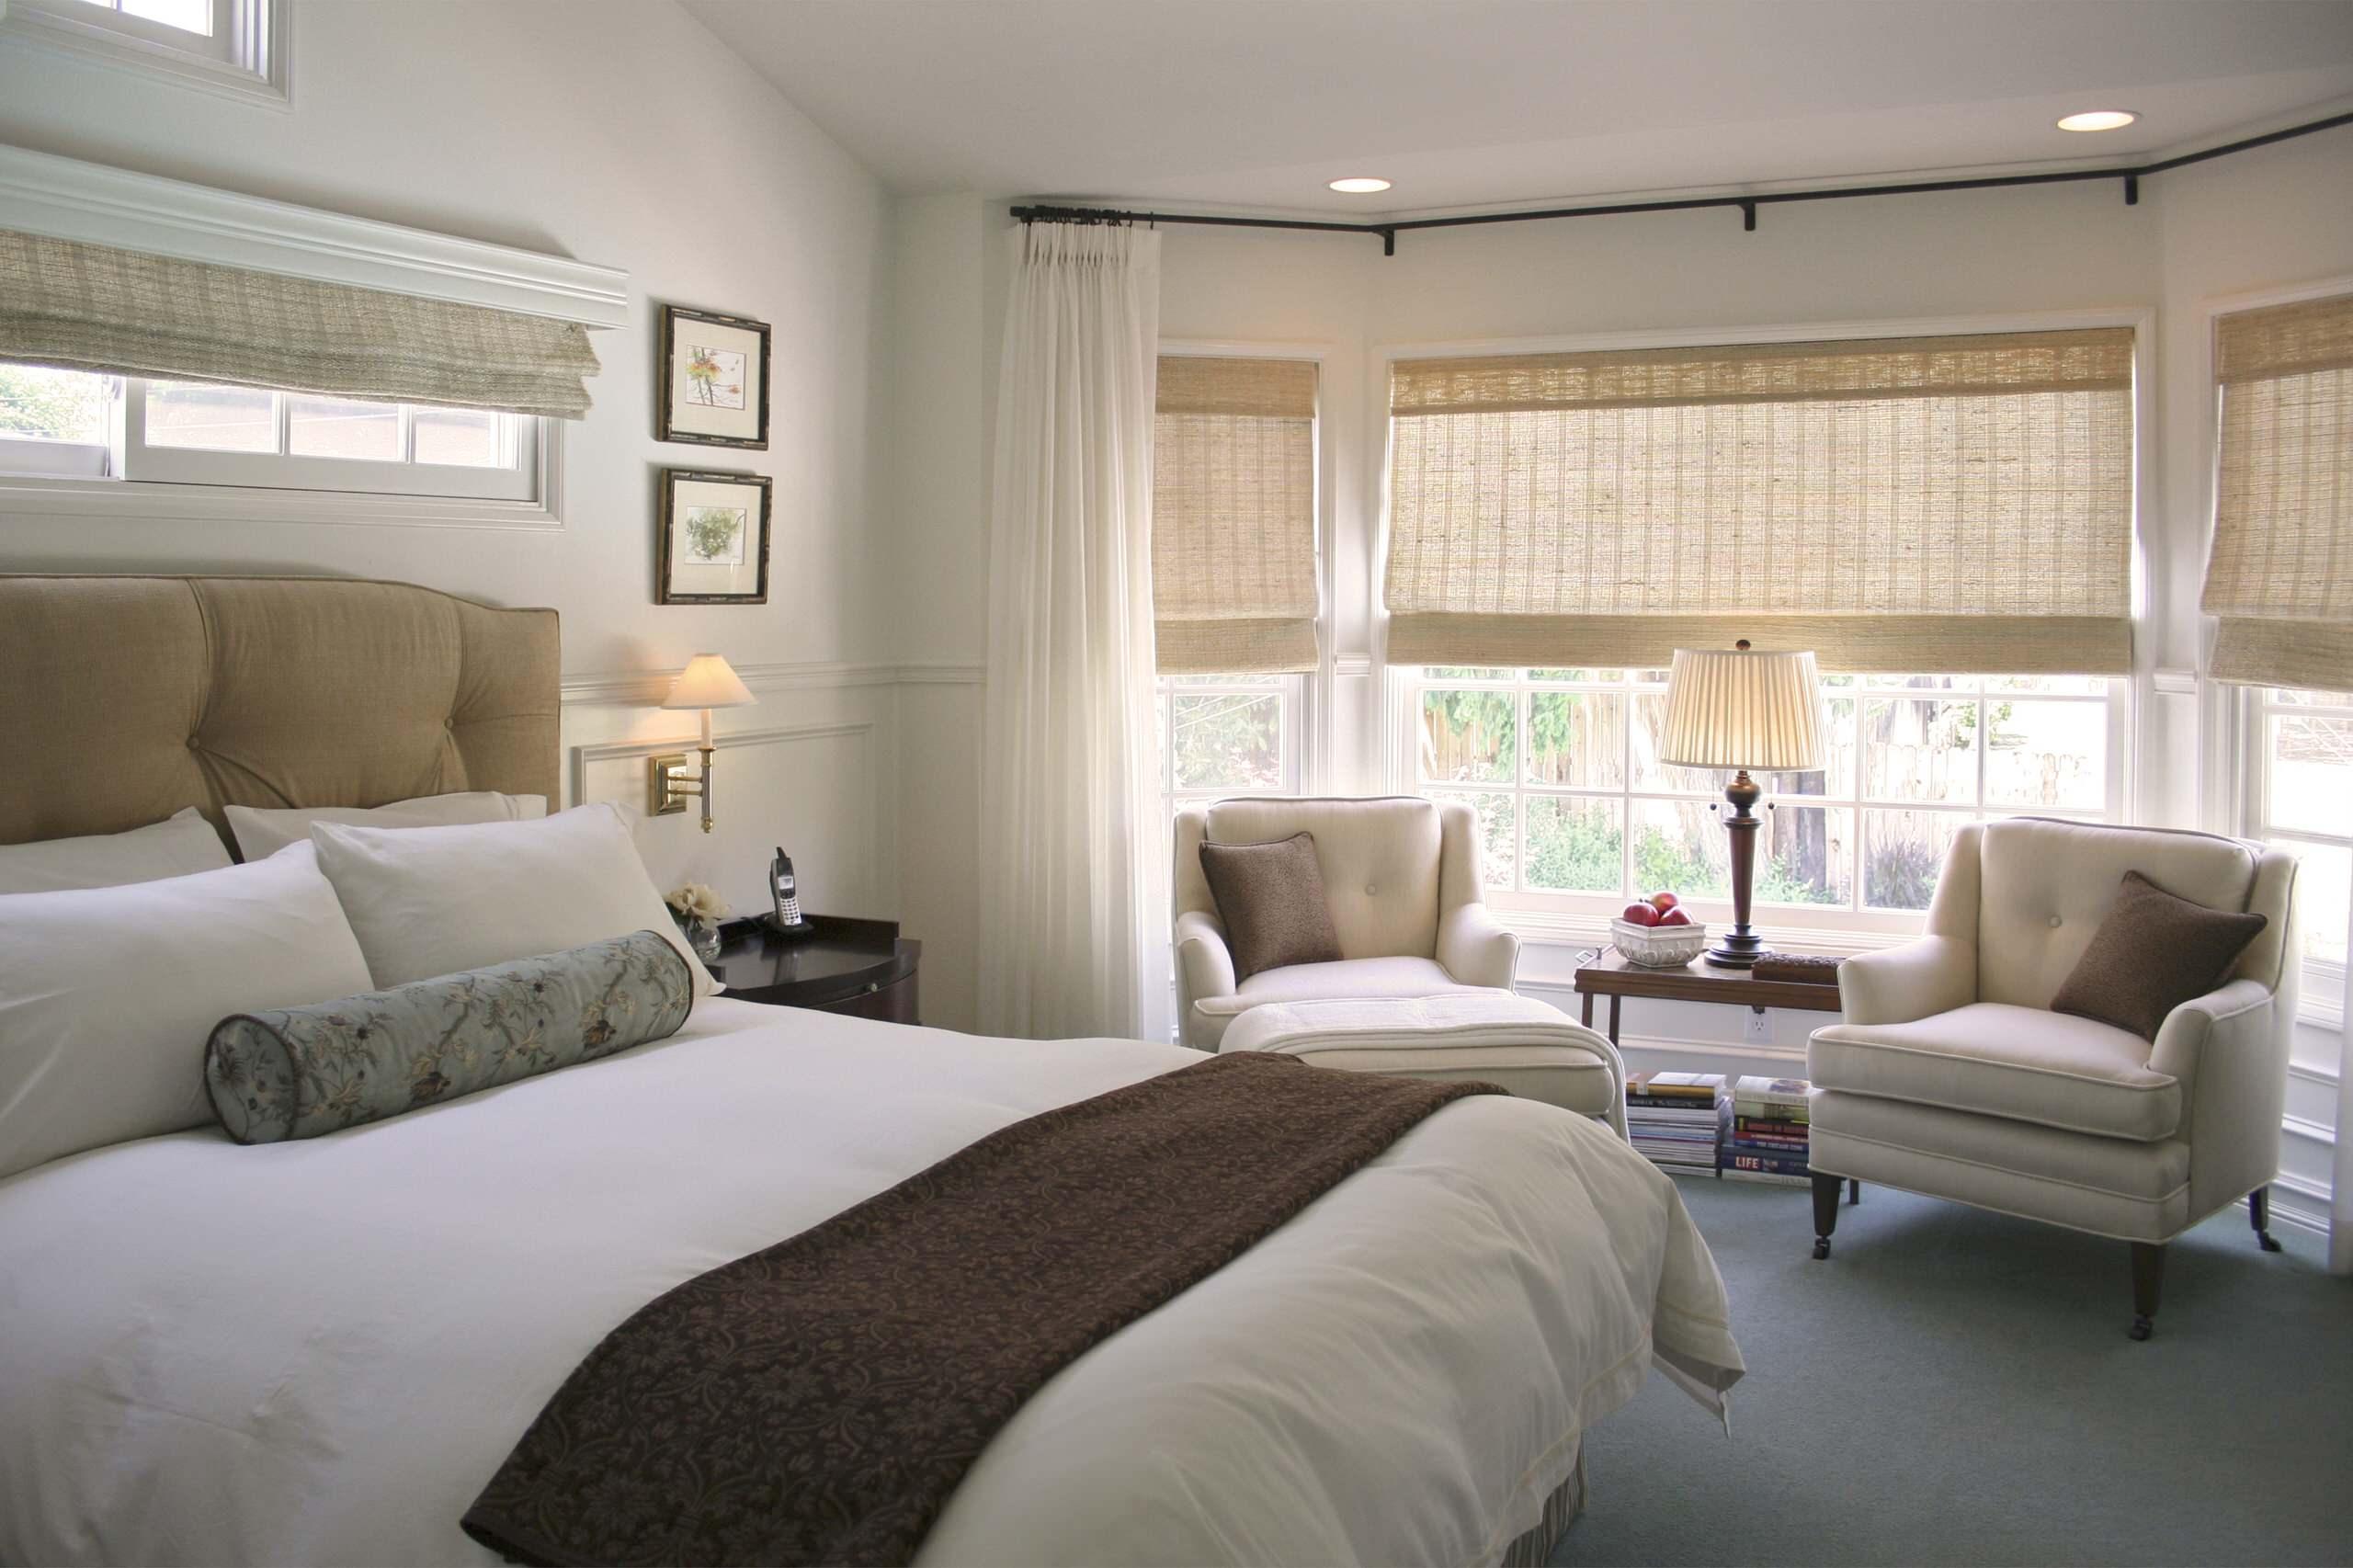 Интерьер окна в спальне фото современный стиль